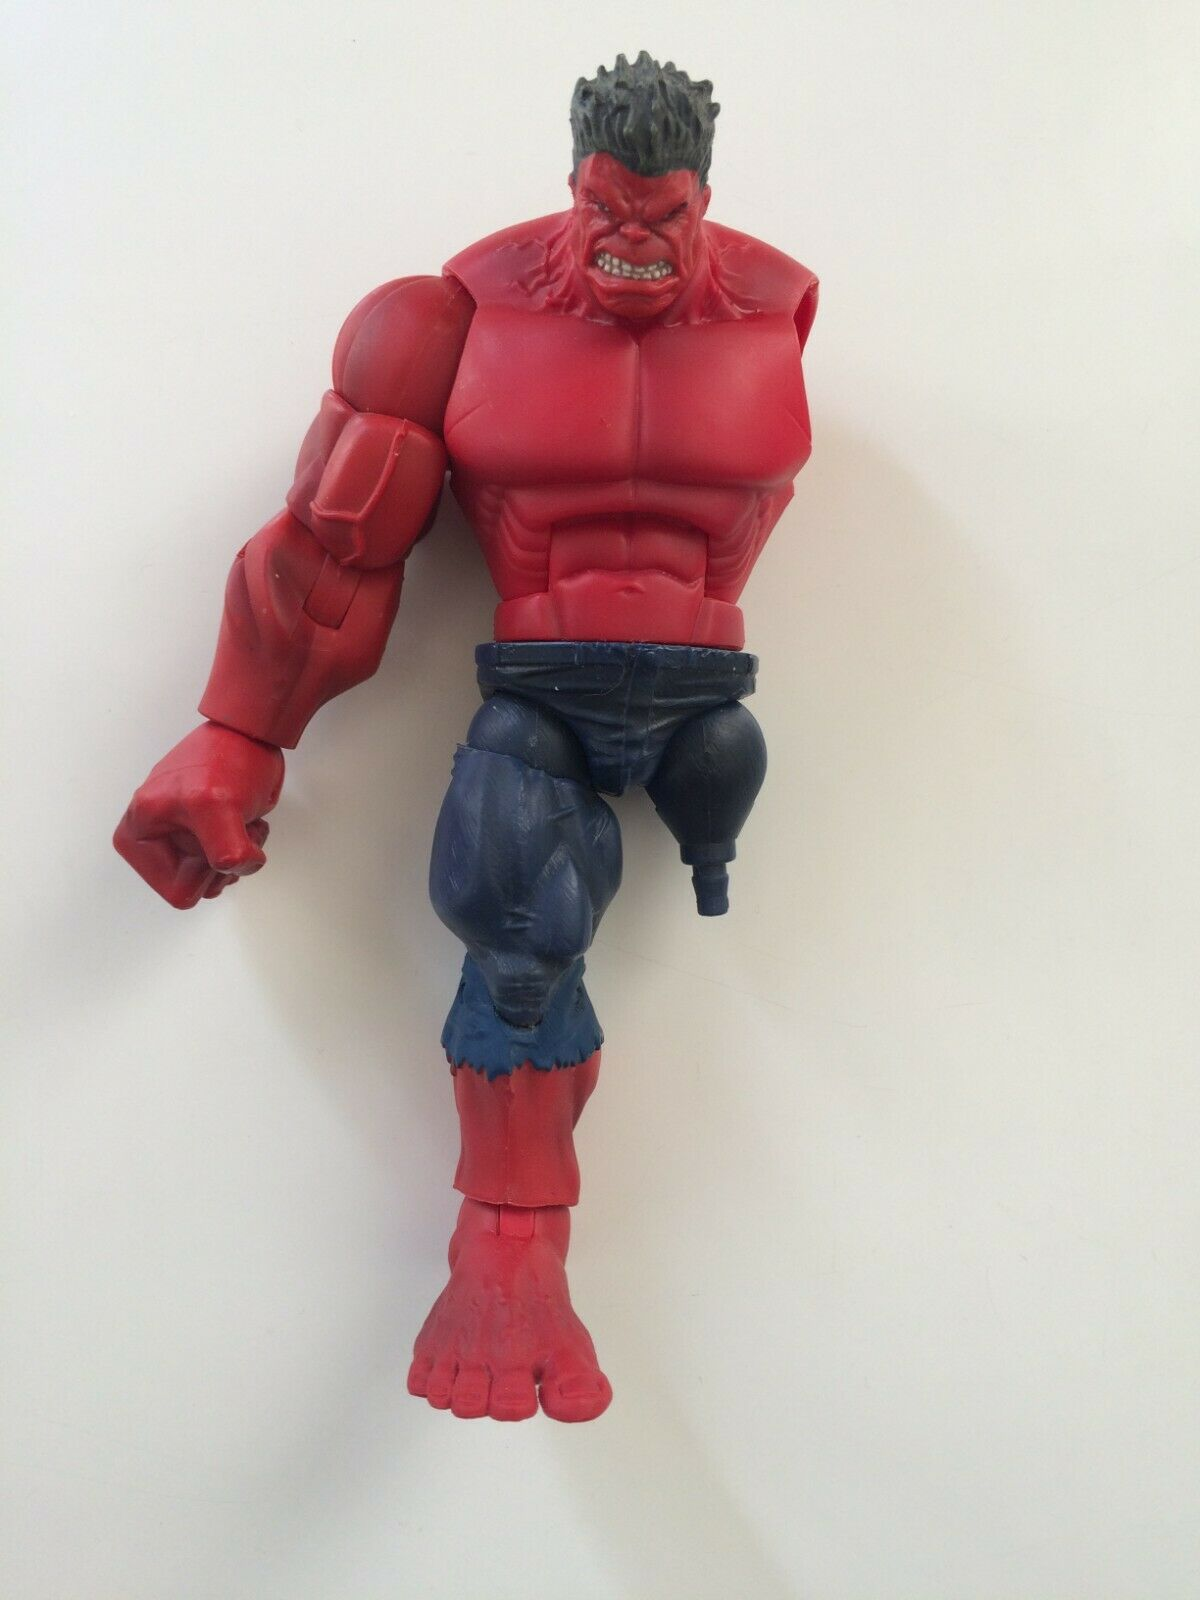 Marvel Legends Target Exclusive Red Hulk BAF figure (near complete)